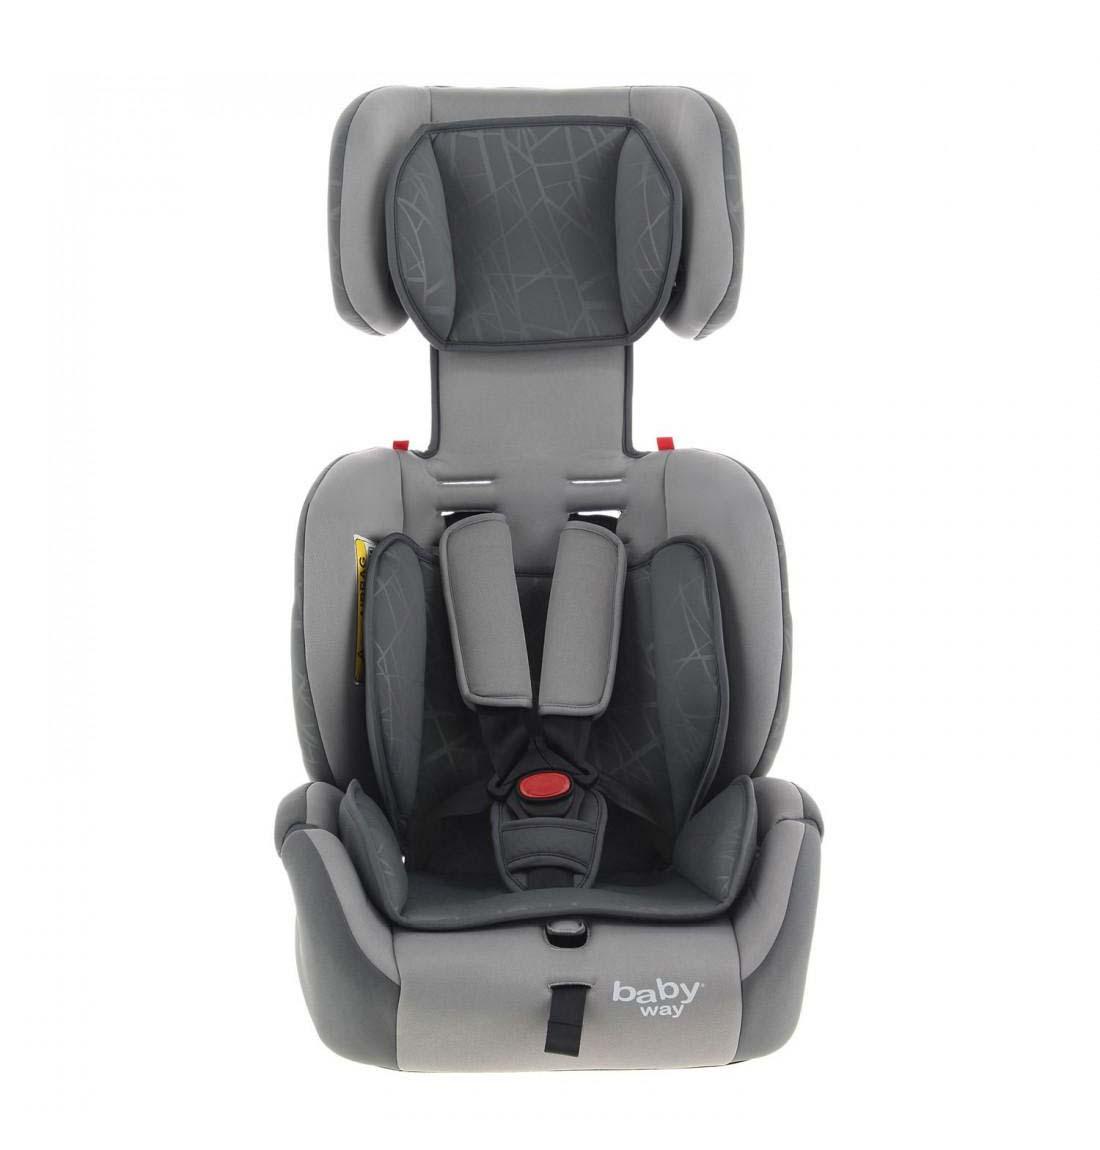 Silla De Auto Convertible Baby Way Bw-749 Gris